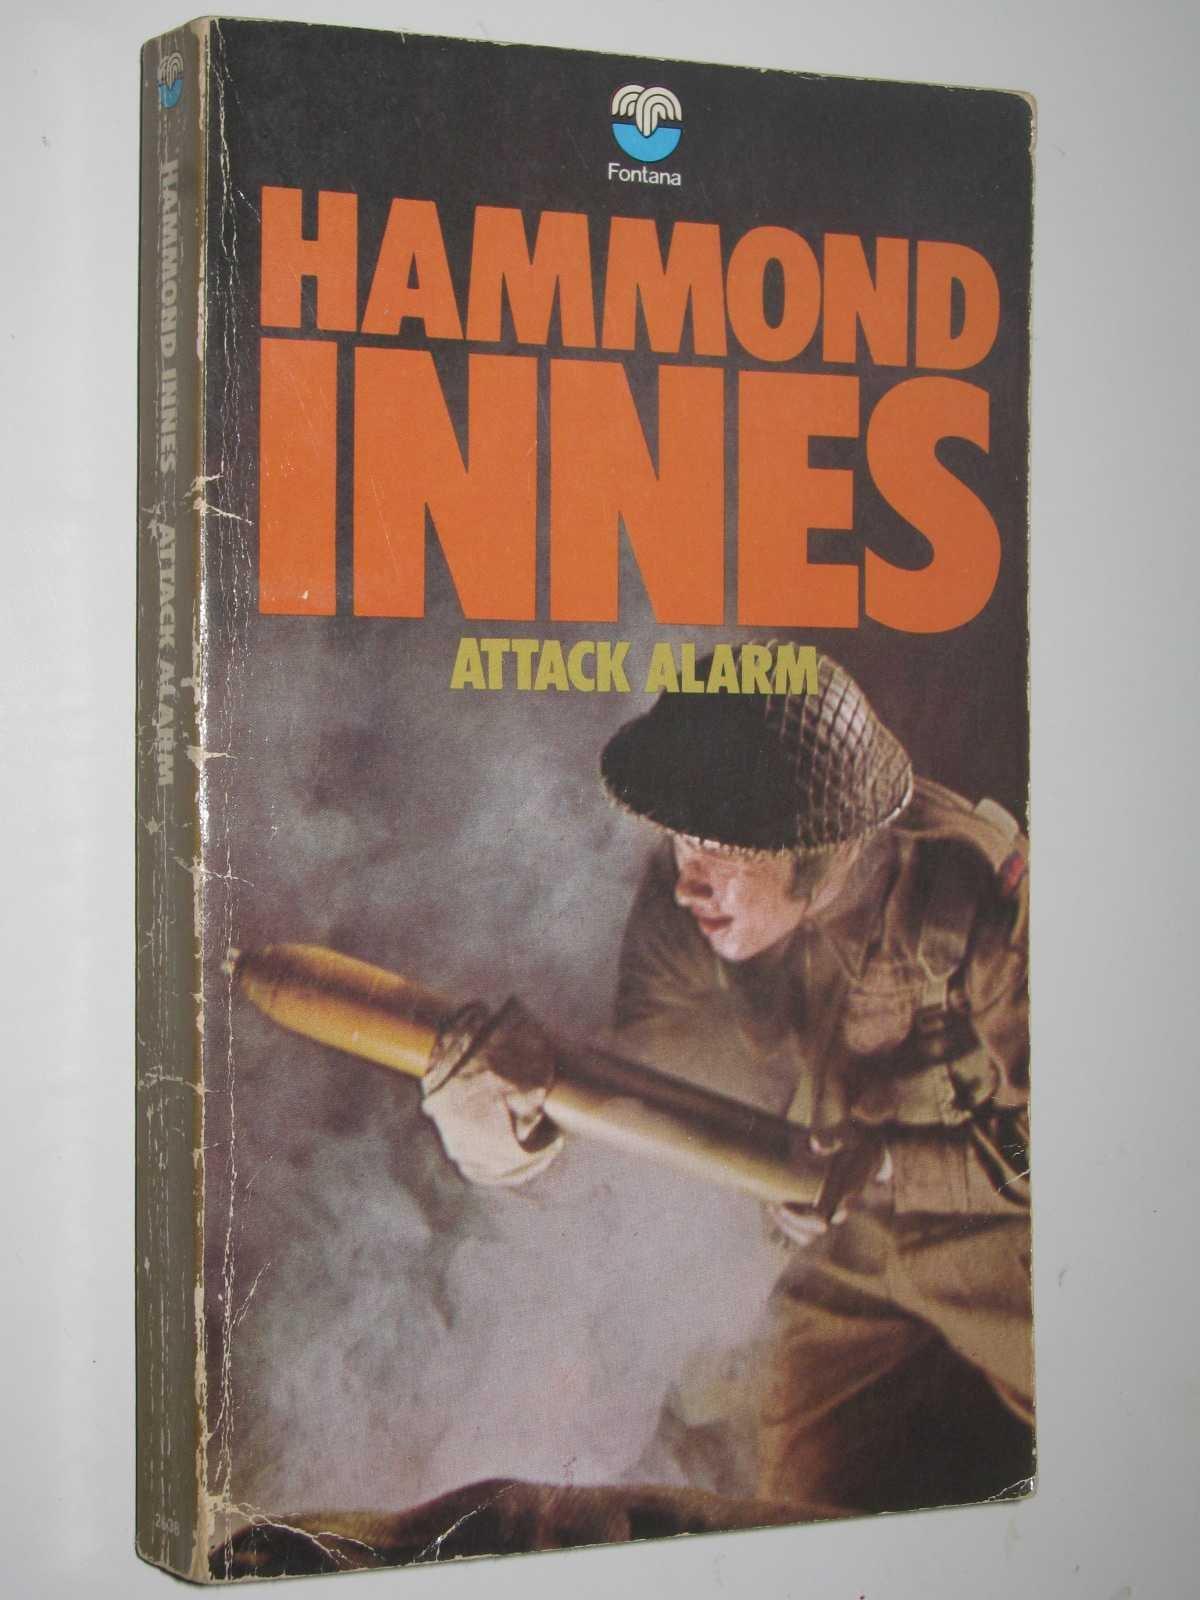 ATTACK ALARM. by Hammond Innes